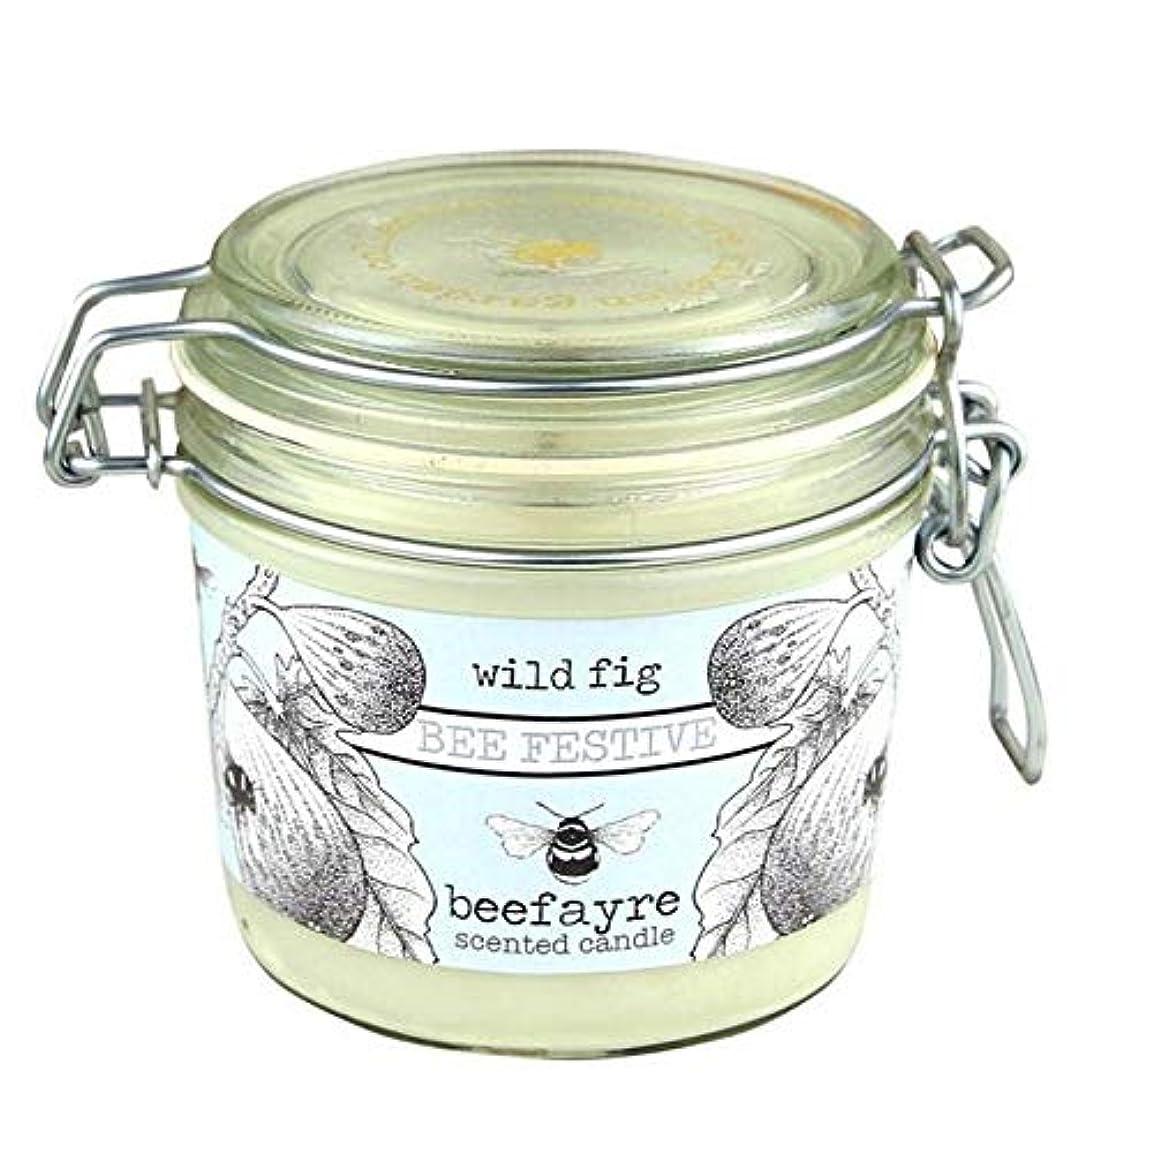 保全の間に今後[Beefayre] 野生のイチジク大きな香りのキャンドルBeefayre - Beefayre Wild Fig Large Scented Candle [並行輸入品]